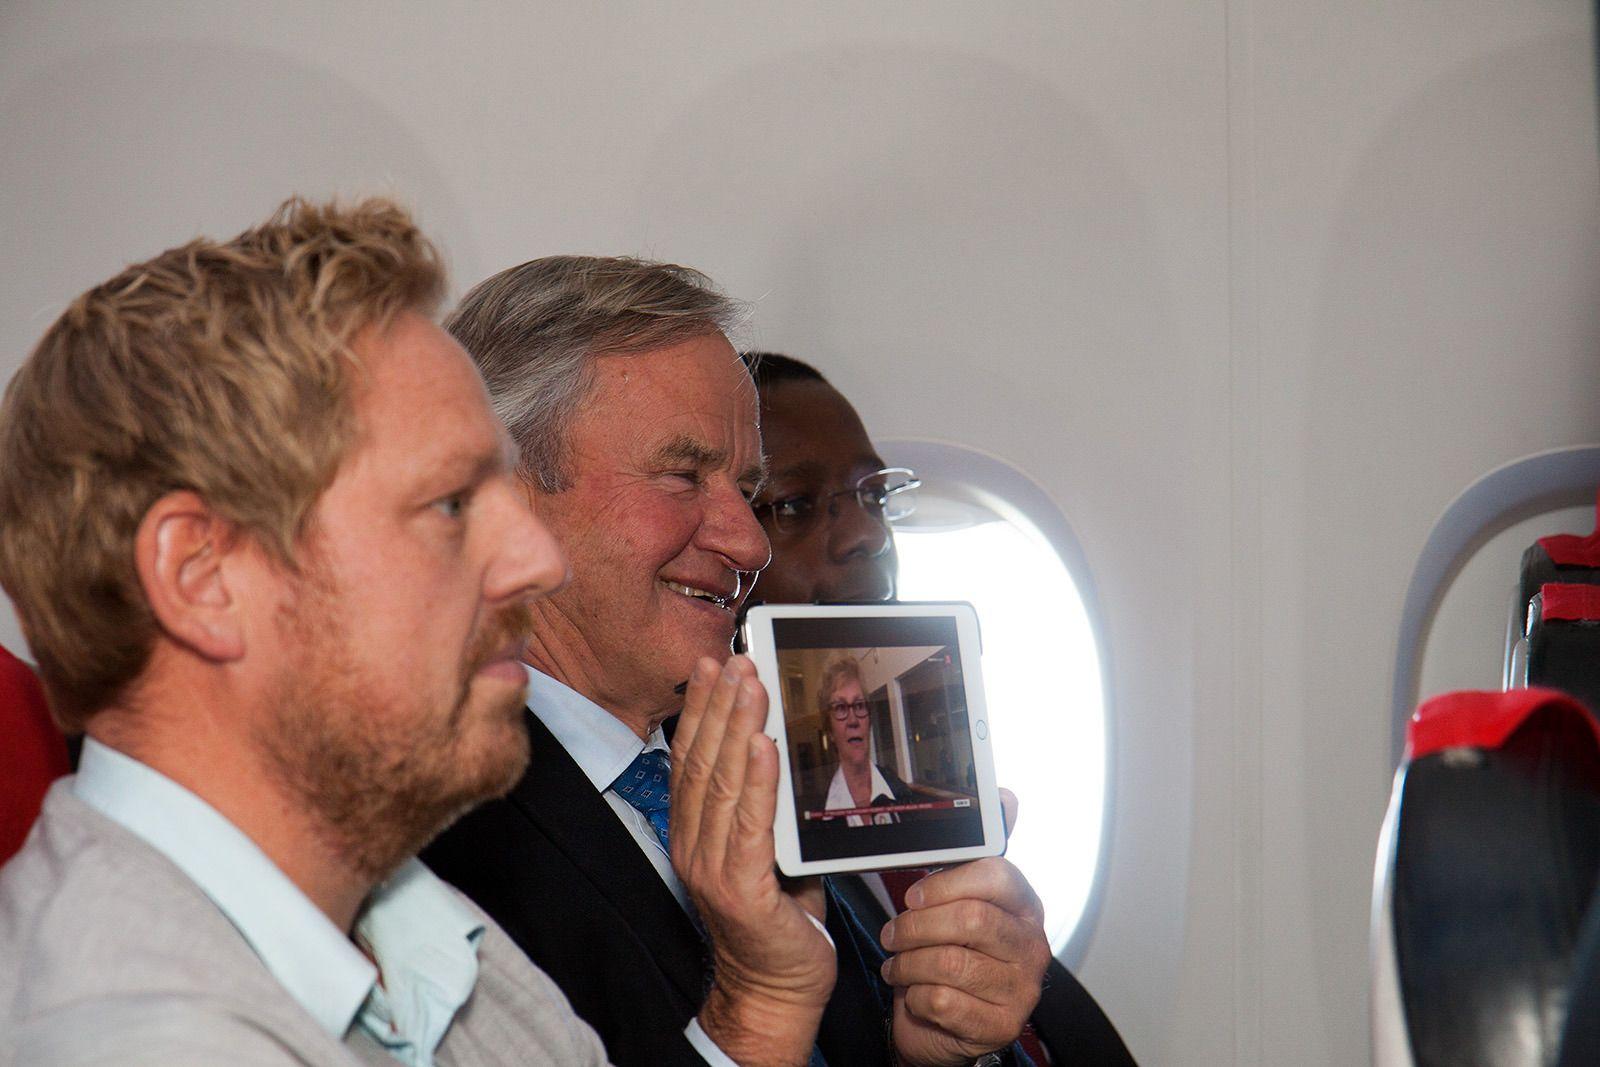 TV 2s nyhets- og sportsredaktør Jan Ove Årsæther (til venstre) og Bjørn Kjos. Foto: Kurt Lekanger, Tek.no